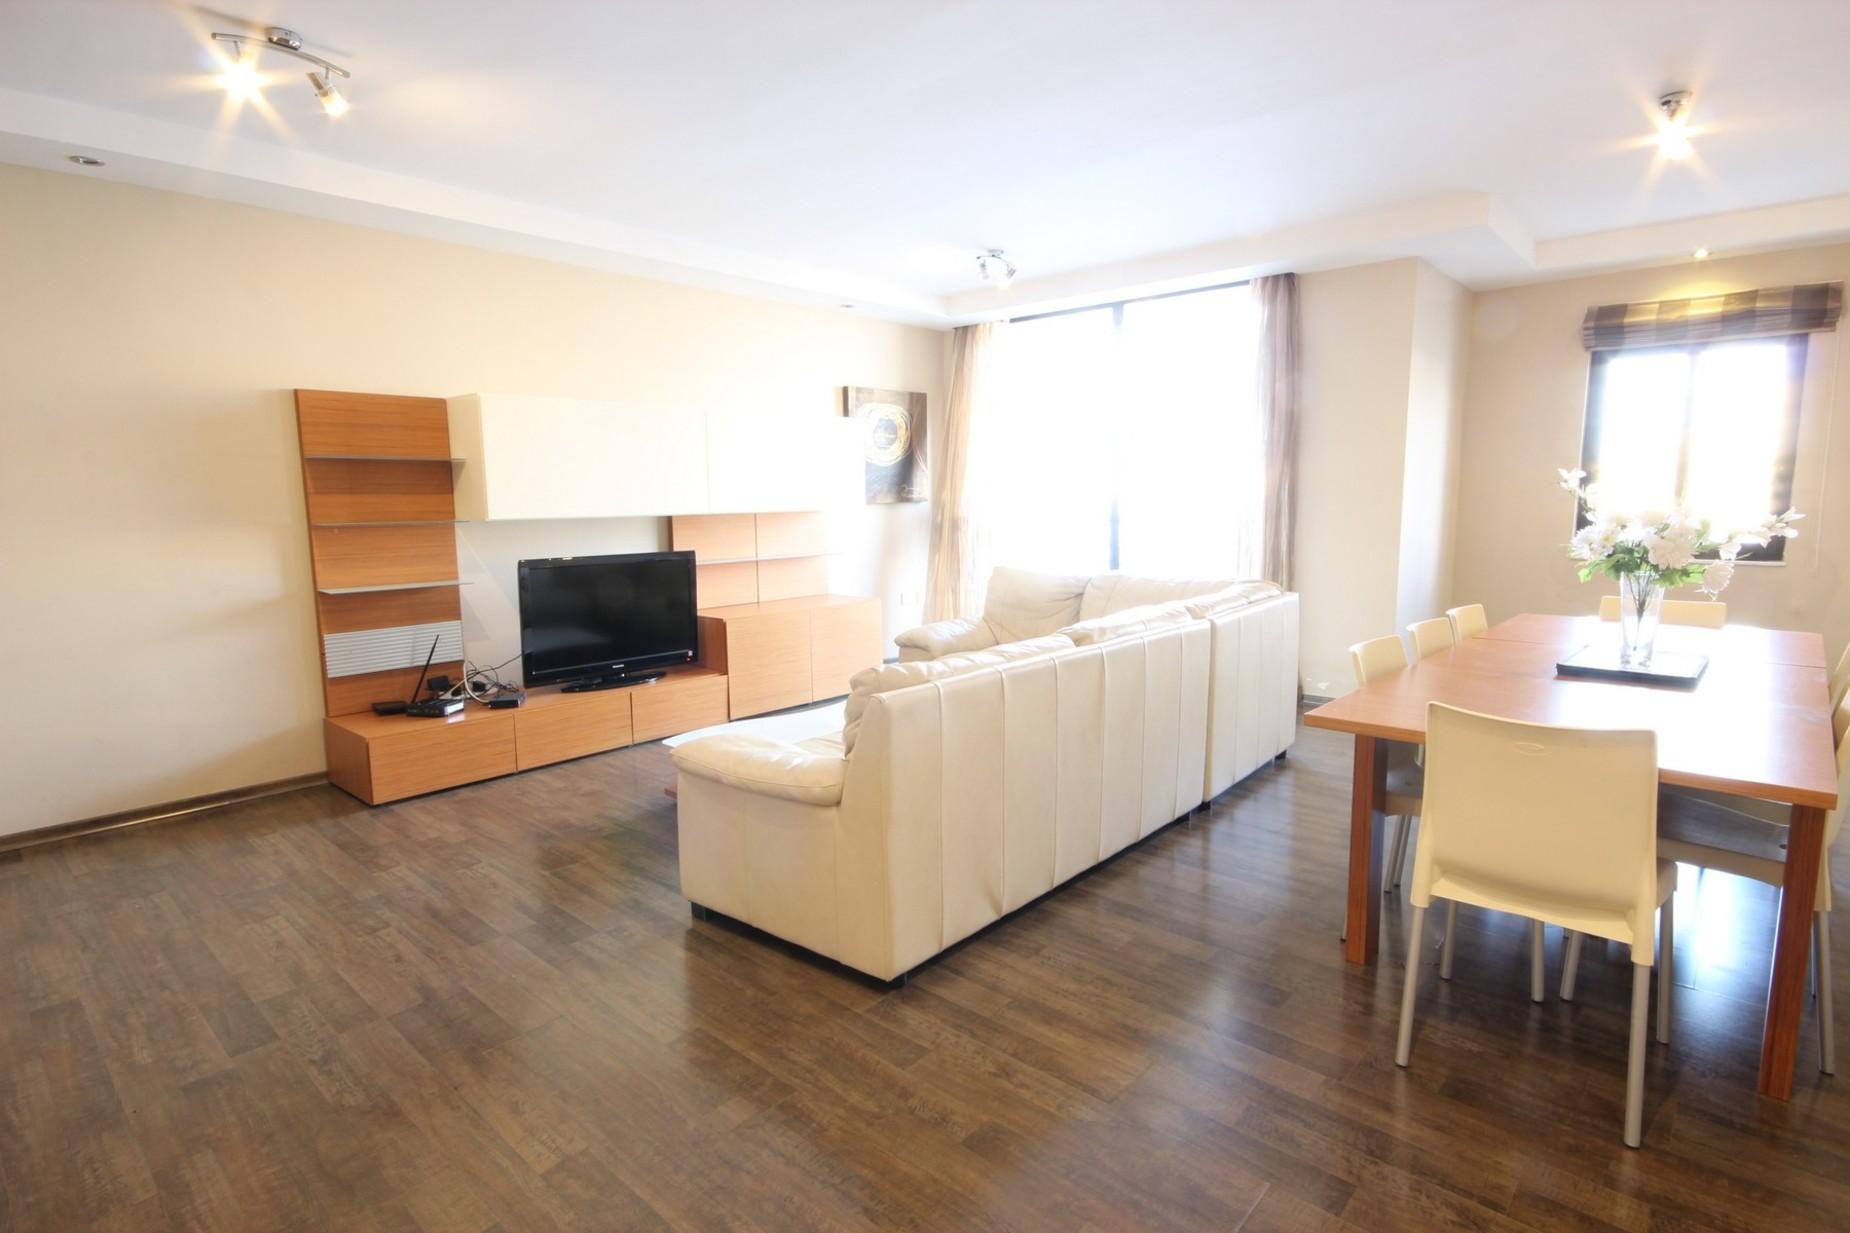 3 bed Apartment For Rent in Vittoriosa, Vittoriosa - thumb 4